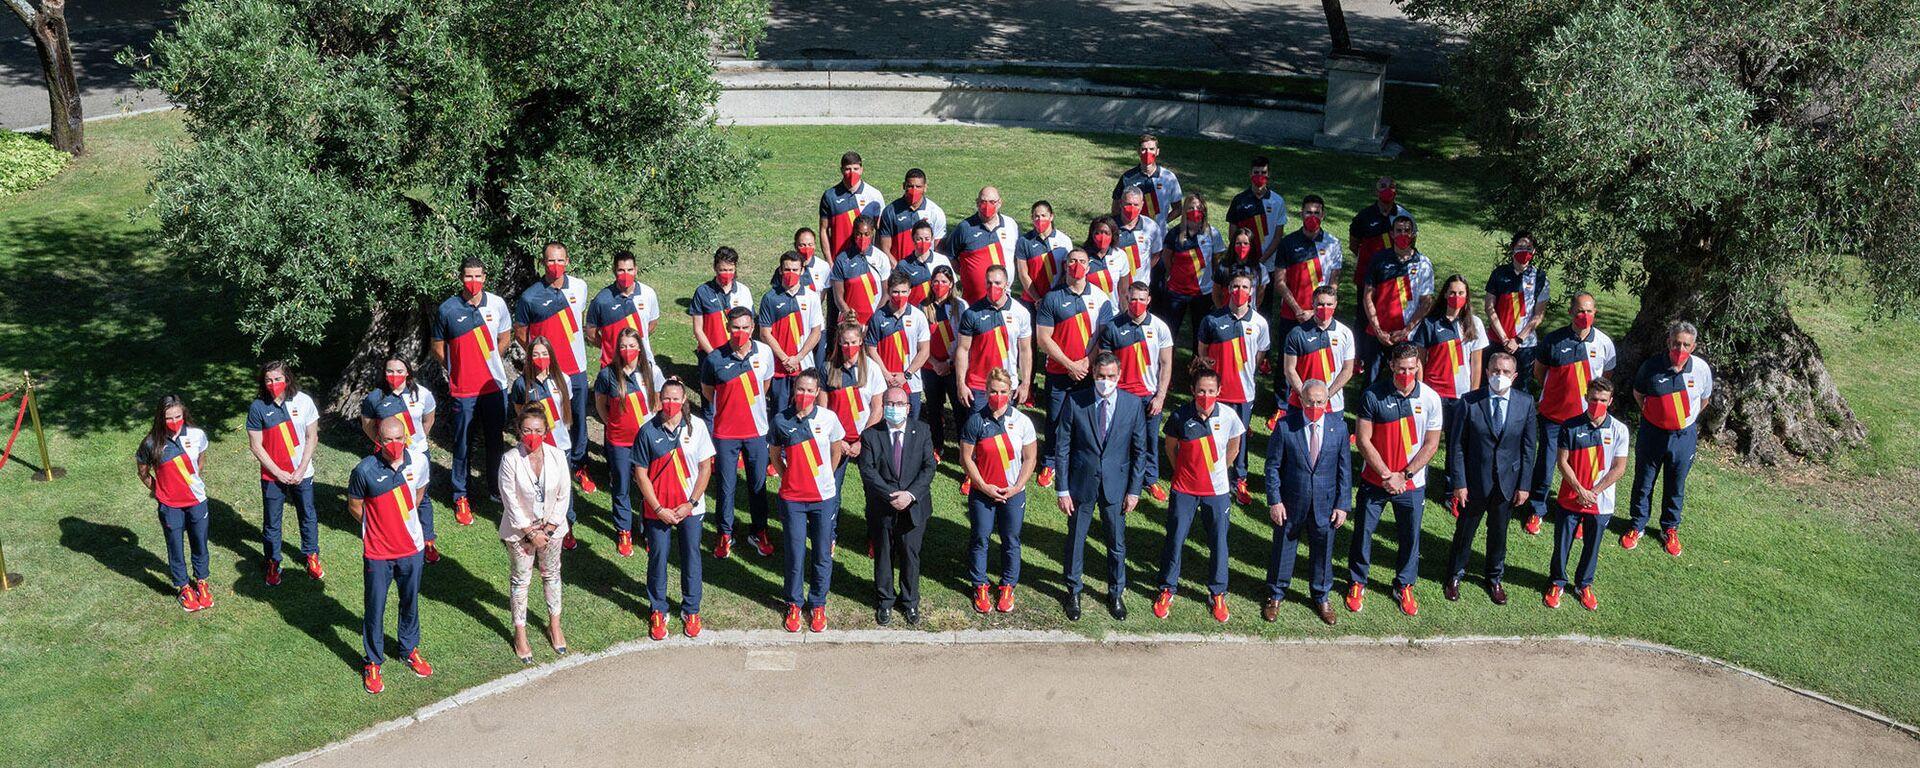 El presidente del Gobierno, Pedro Sánchez, despidiendo a una representación de deportistas españoles antes de viajar a Tokio - Sputnik Mundo, 1920, 19.07.2021